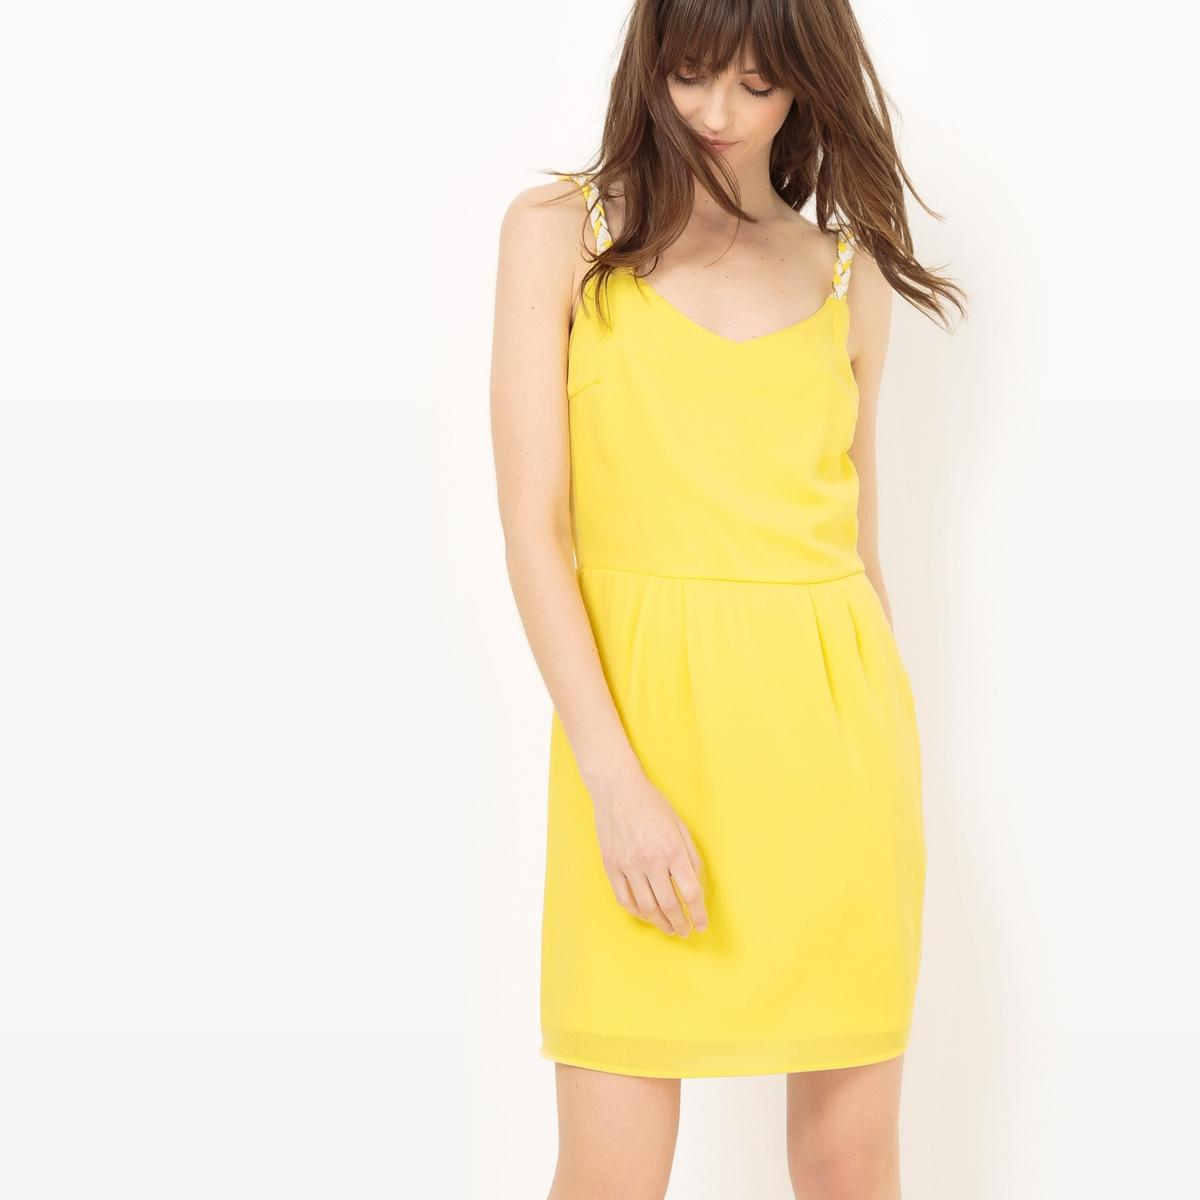 Платье короткое на тонких бретелях, однотонноеДетали  •  Форма :прямая •  Укороченная модель •  Тонкие бретели    •   V-образный вырез Состав и уход  •  100% полиэстер •  Следуйте рекомендациям по уходу, указанным на этикетке изделия<br><br>Цвет: желтый